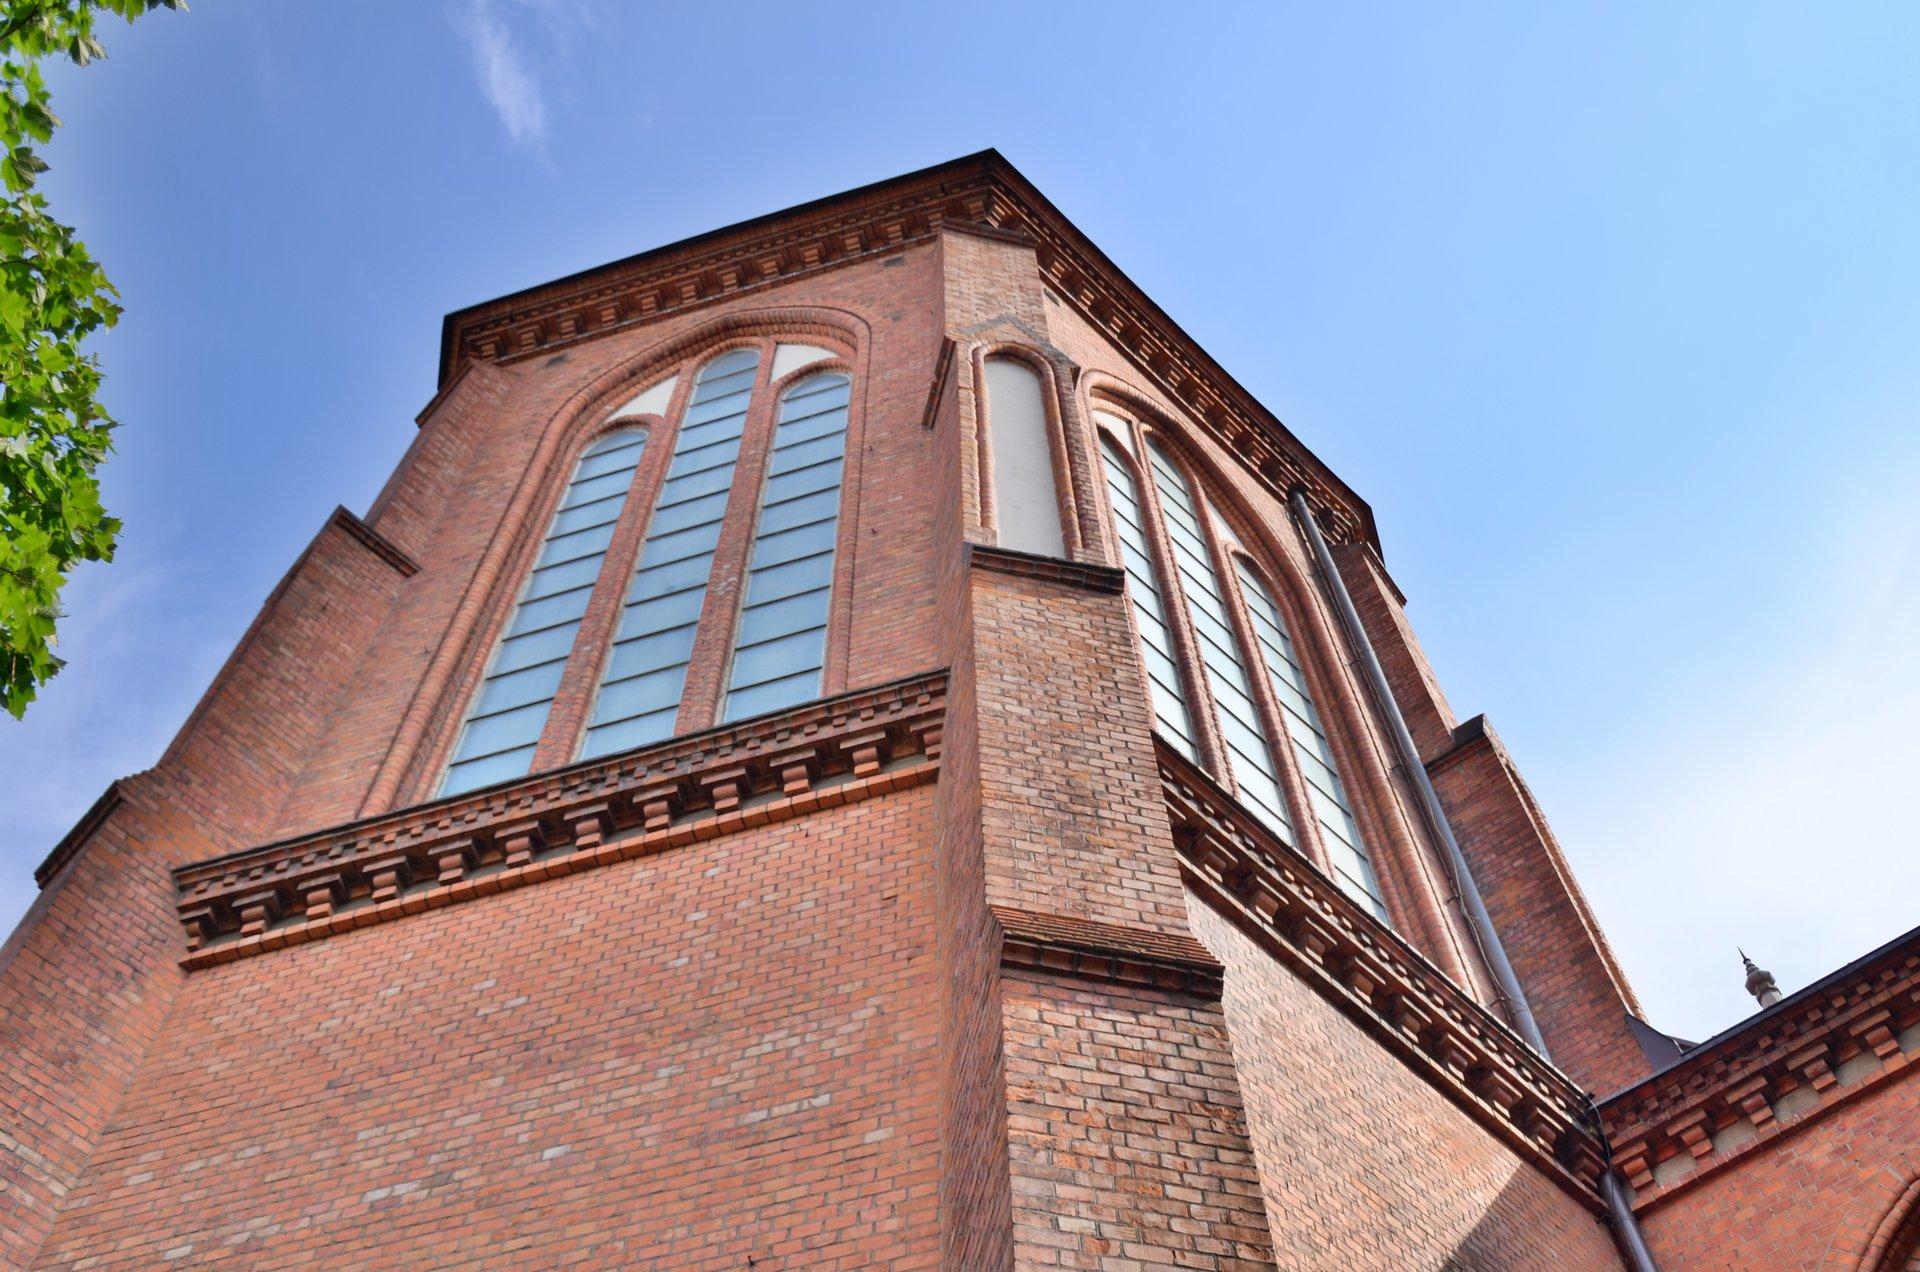 Białystok katedra fara bazylika mniejsza kościół religia katolicyzmfree photo darmowe zdjęcie